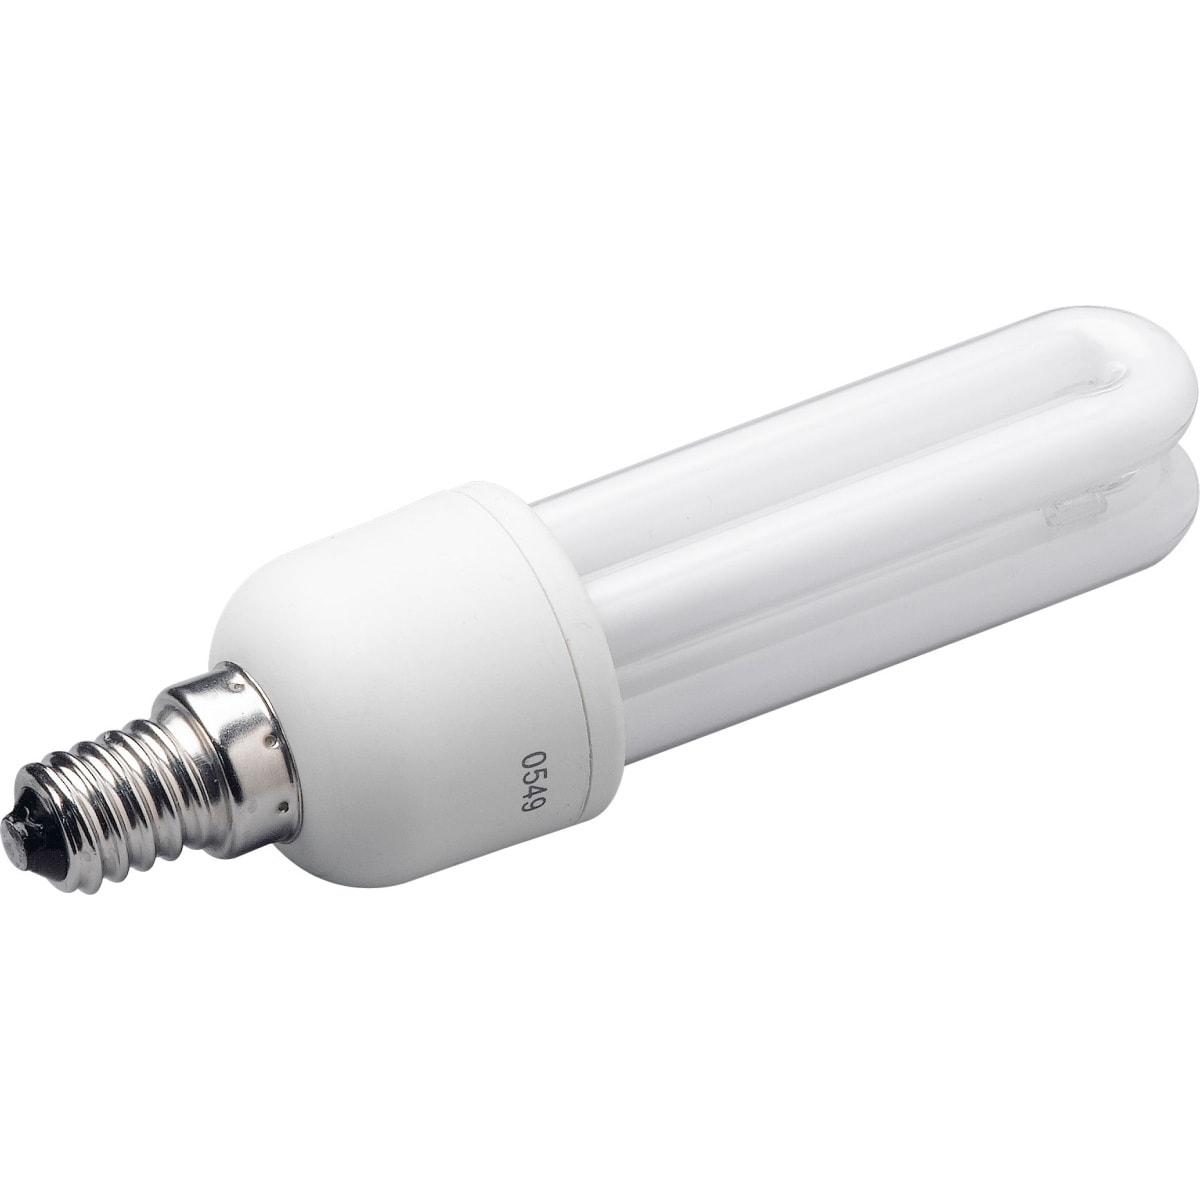 energiesparlampe e14 leuchtmittel lampen dekoration. Black Bedroom Furniture Sets. Home Design Ideas